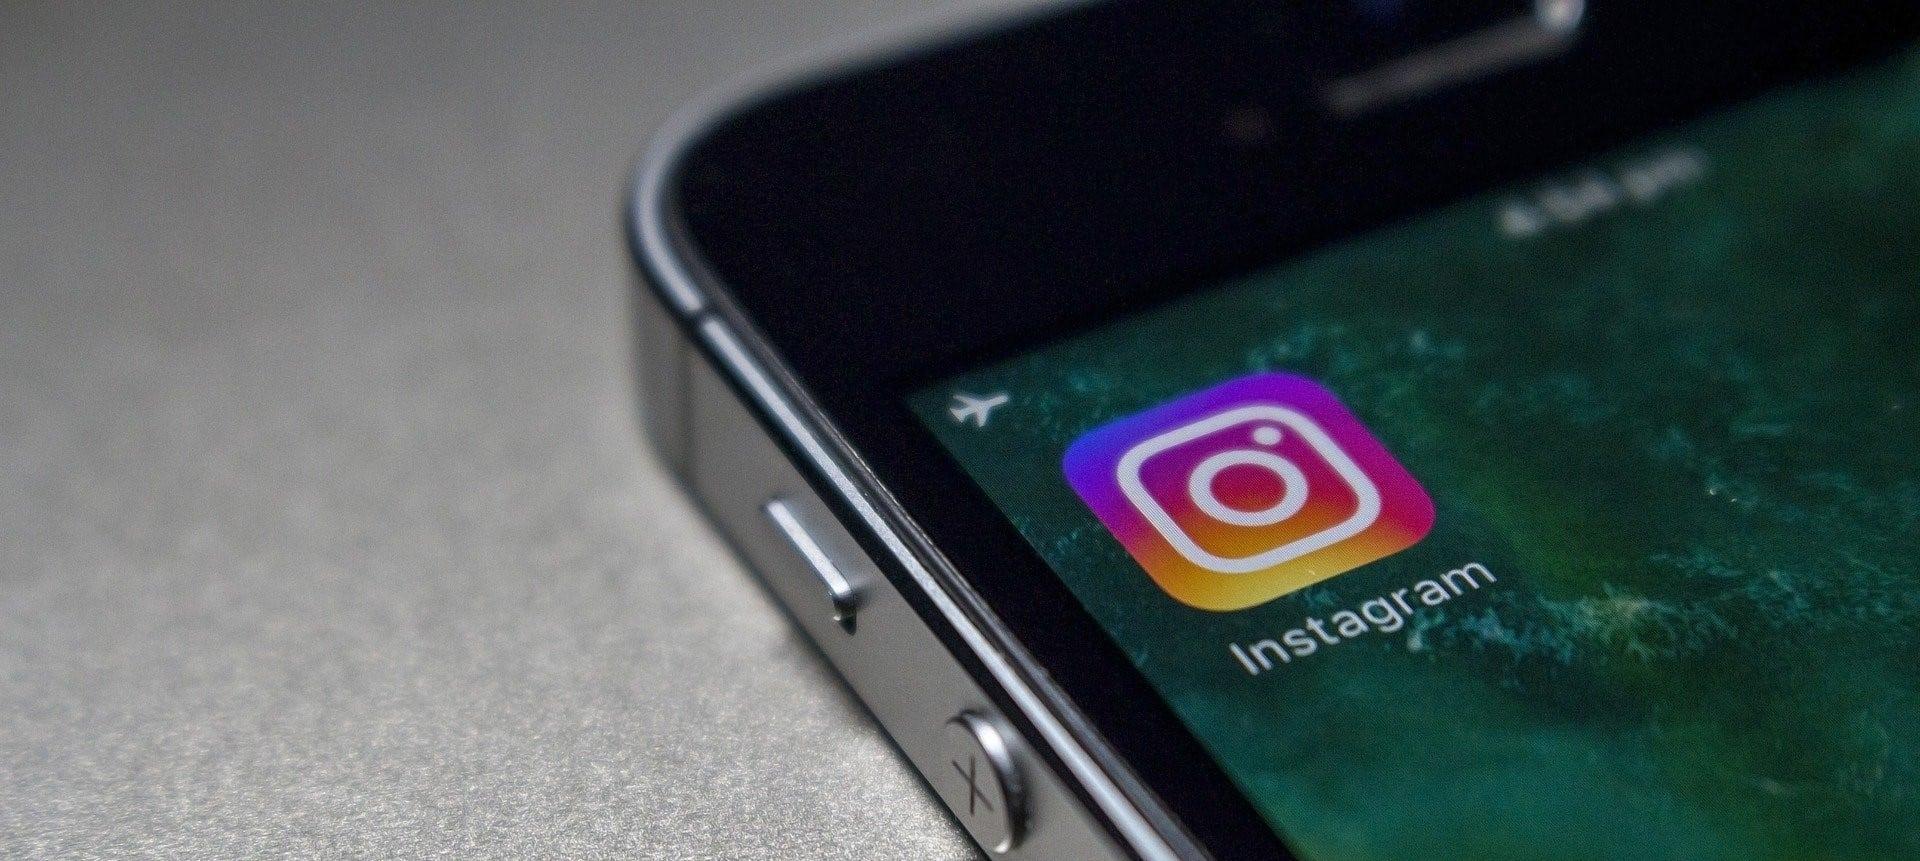 Telefoon met instagram app